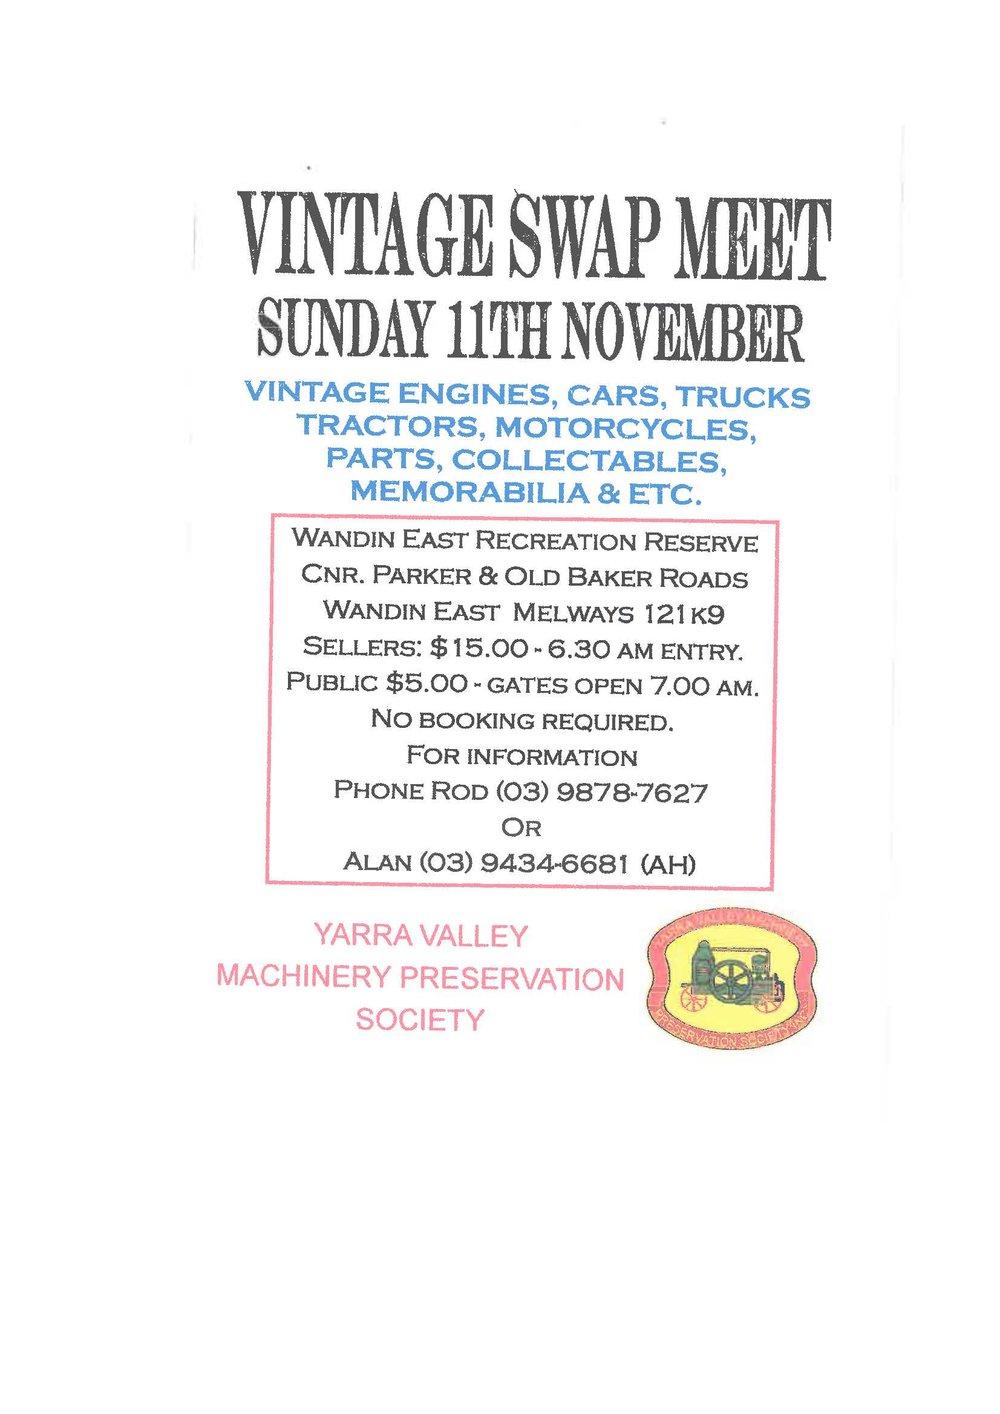 Vintage Swap Meet.jpg